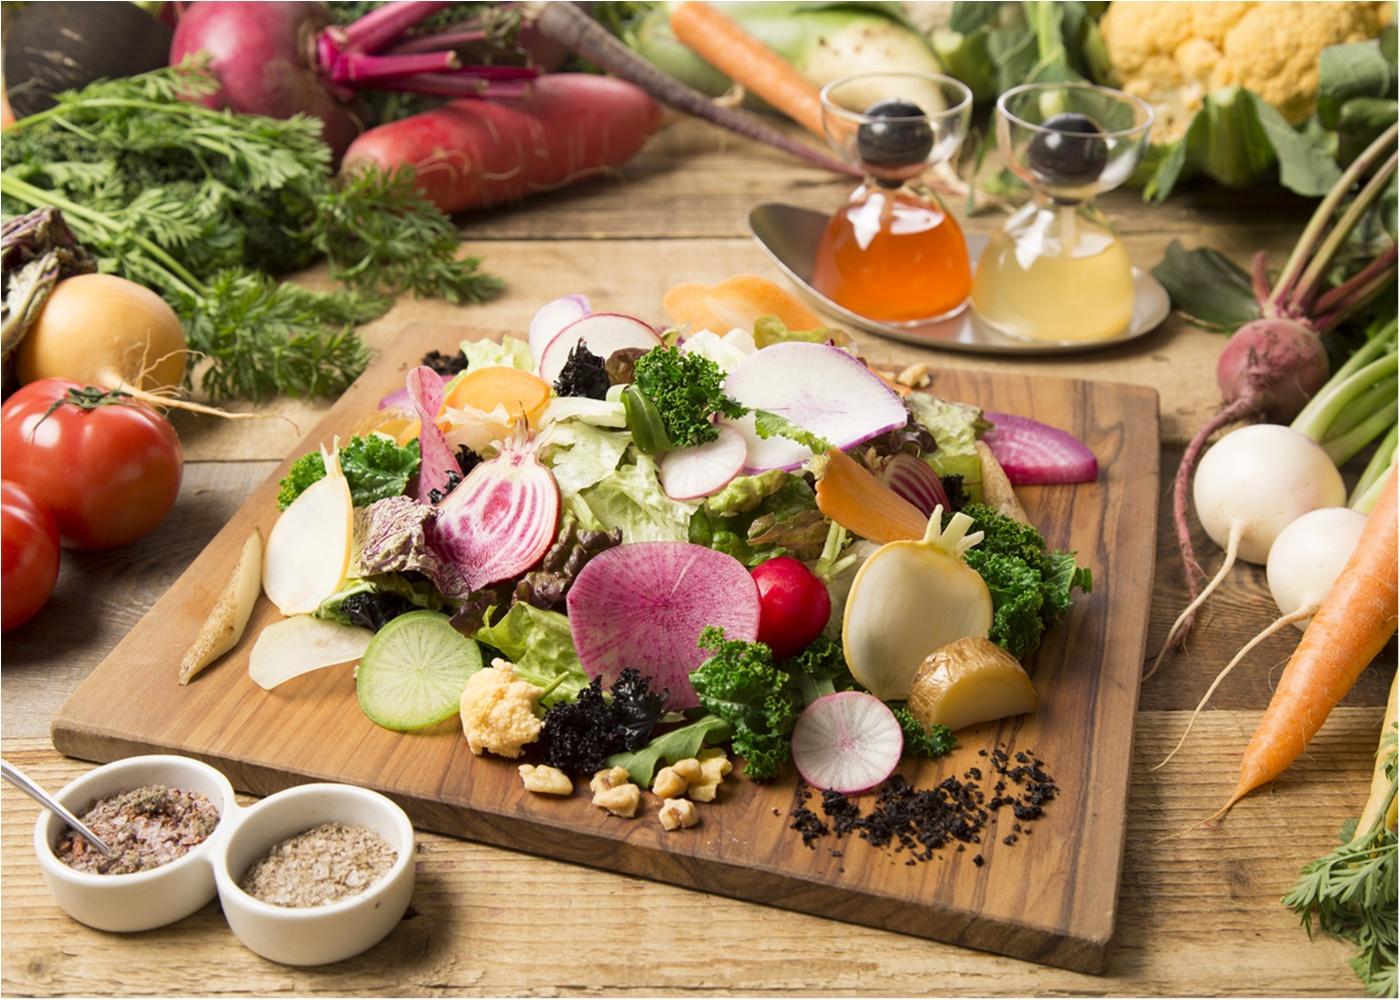 三浦・湘南野菜をたっぷりおしゃれに食べられる♡ 『AWkithen』が鎌倉にオープンしたの、知ってた?_1